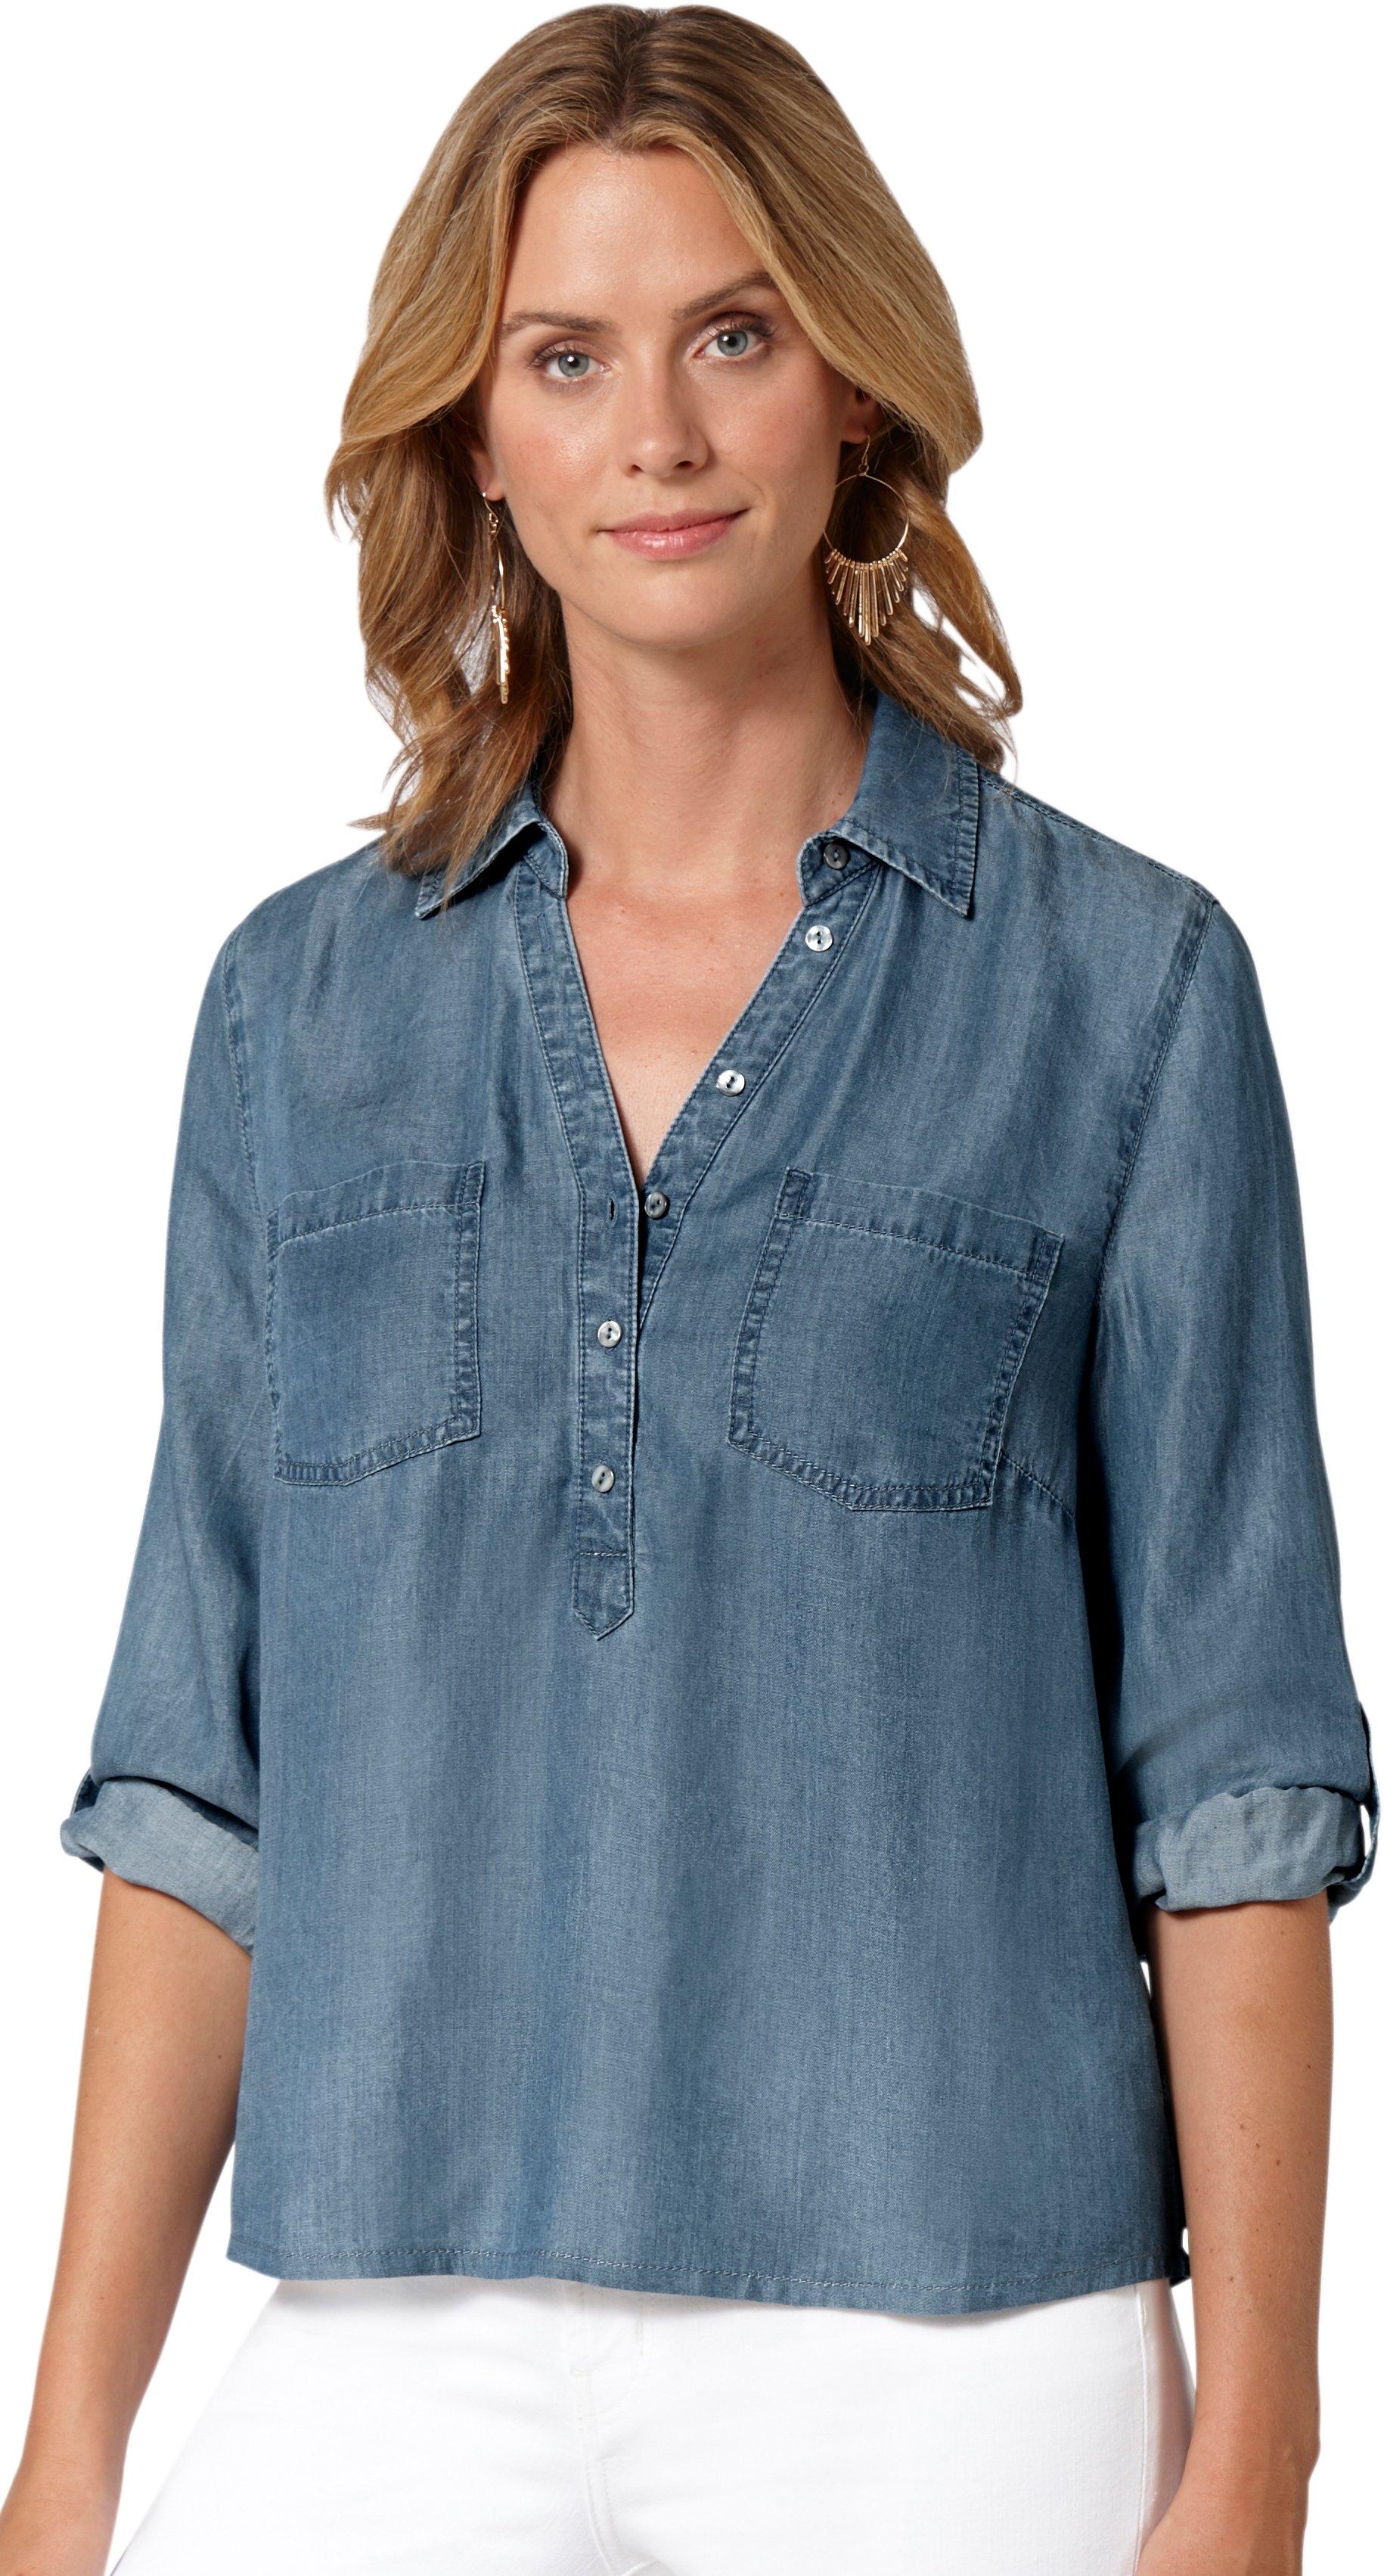 Ambria blouse zonder sluiting goedkoop op otto.nl kopen